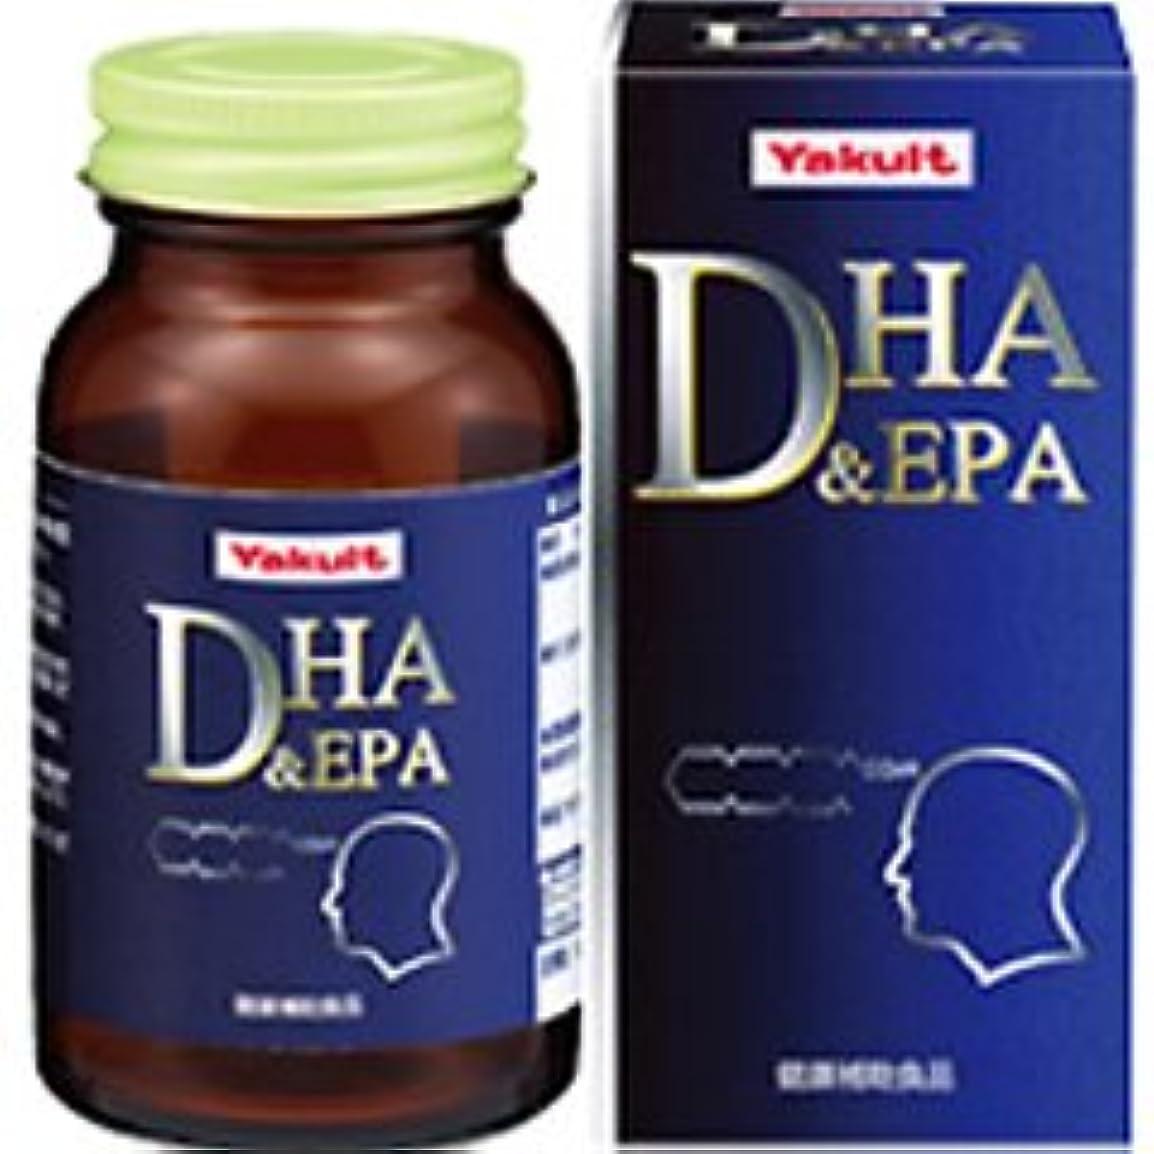 たらいシロクマ平日【ヤクルトヘルスフーズ】DHA&EPA 240粒